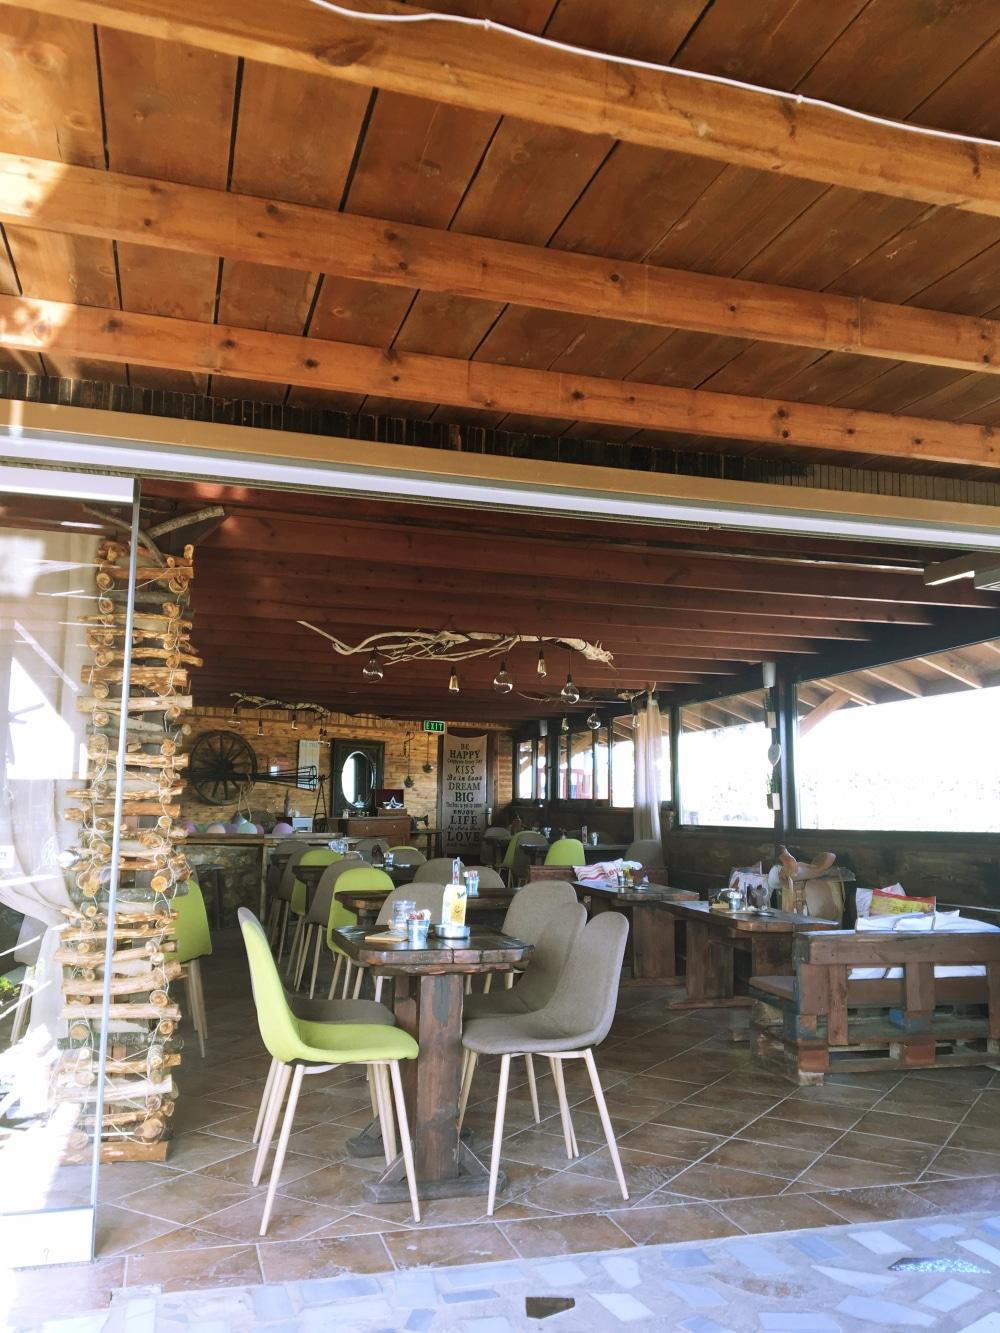 Inneneinrichtung vom Cafe von Erikas Horsefarm